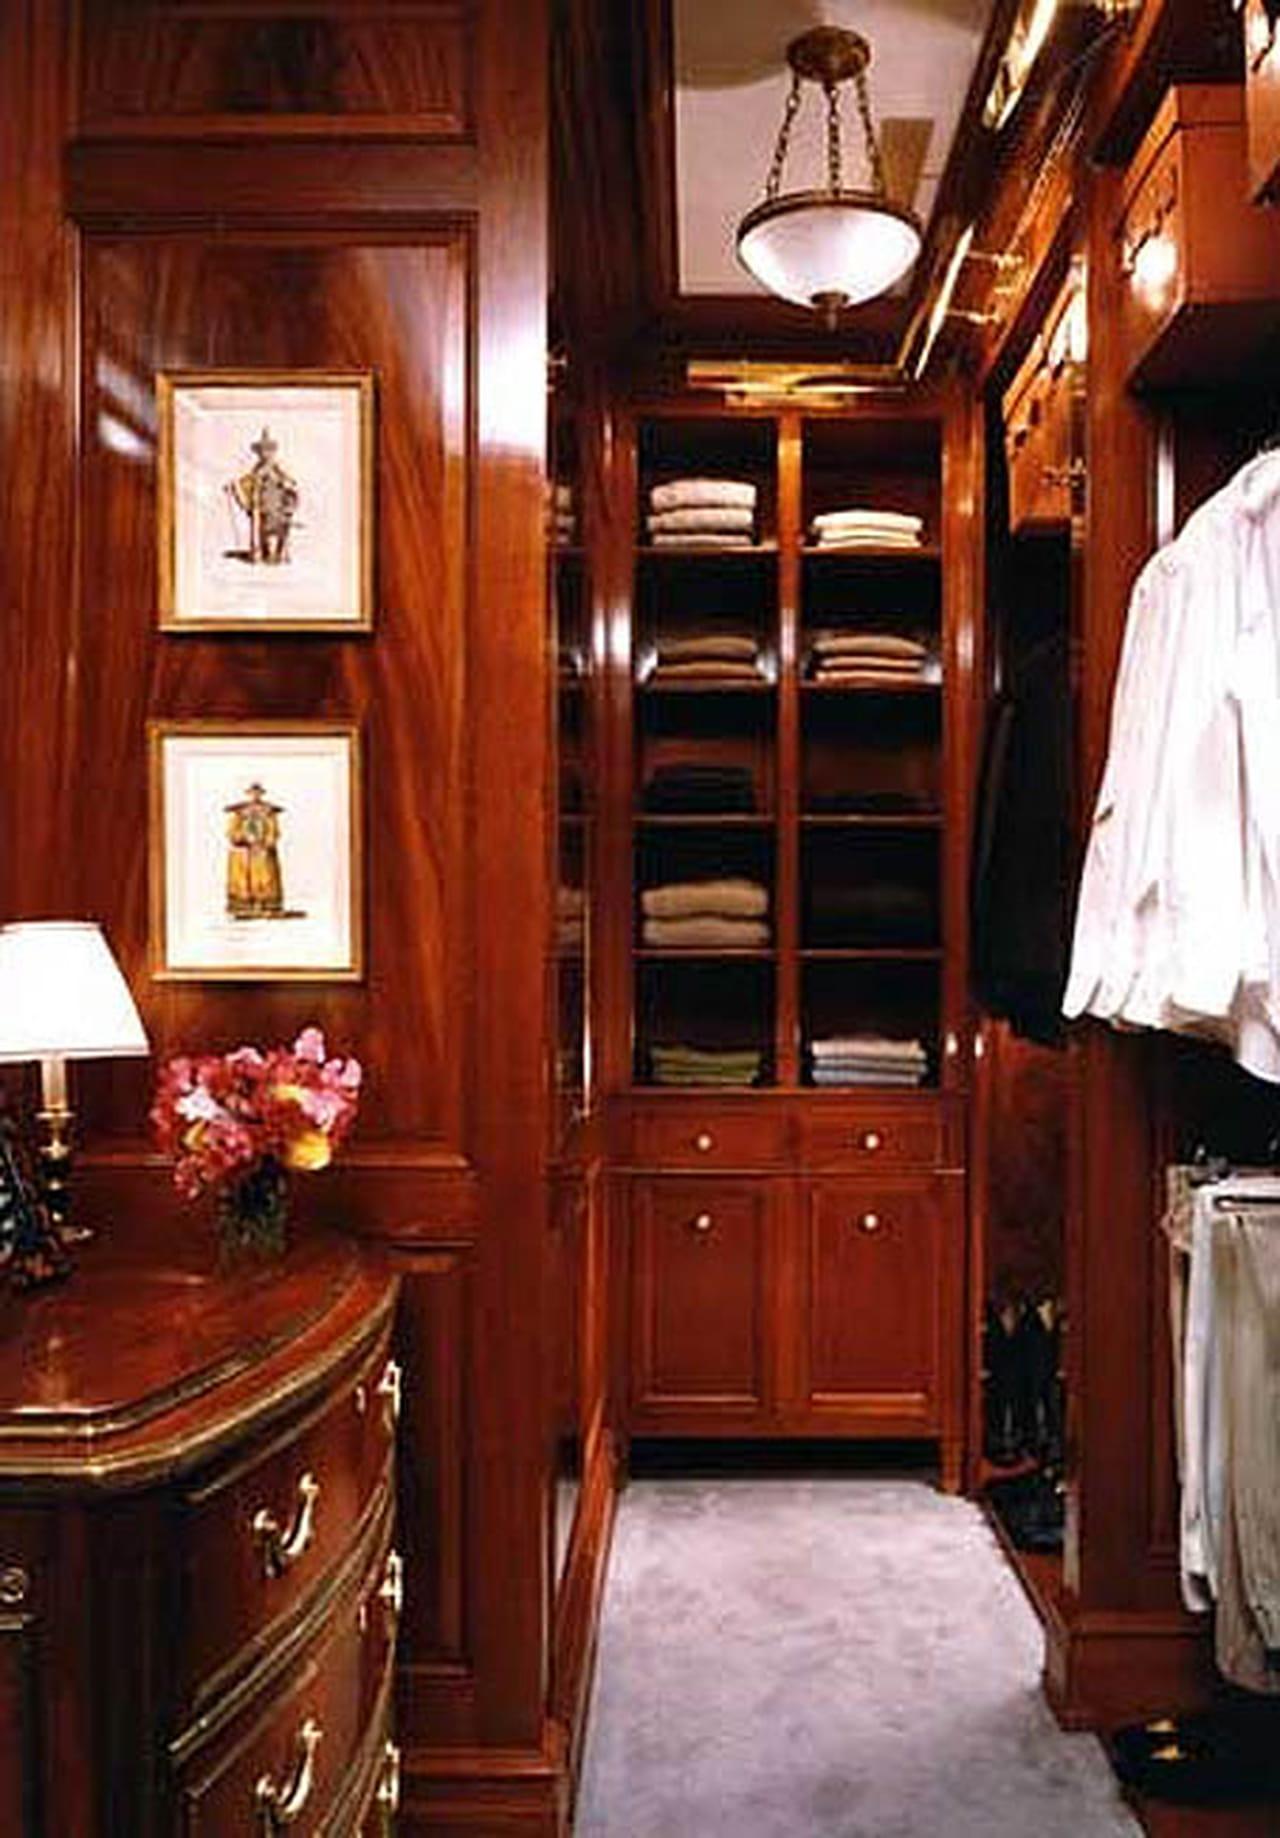 الأناقة المترفة في غرف الملابس لعشاق الفخامة